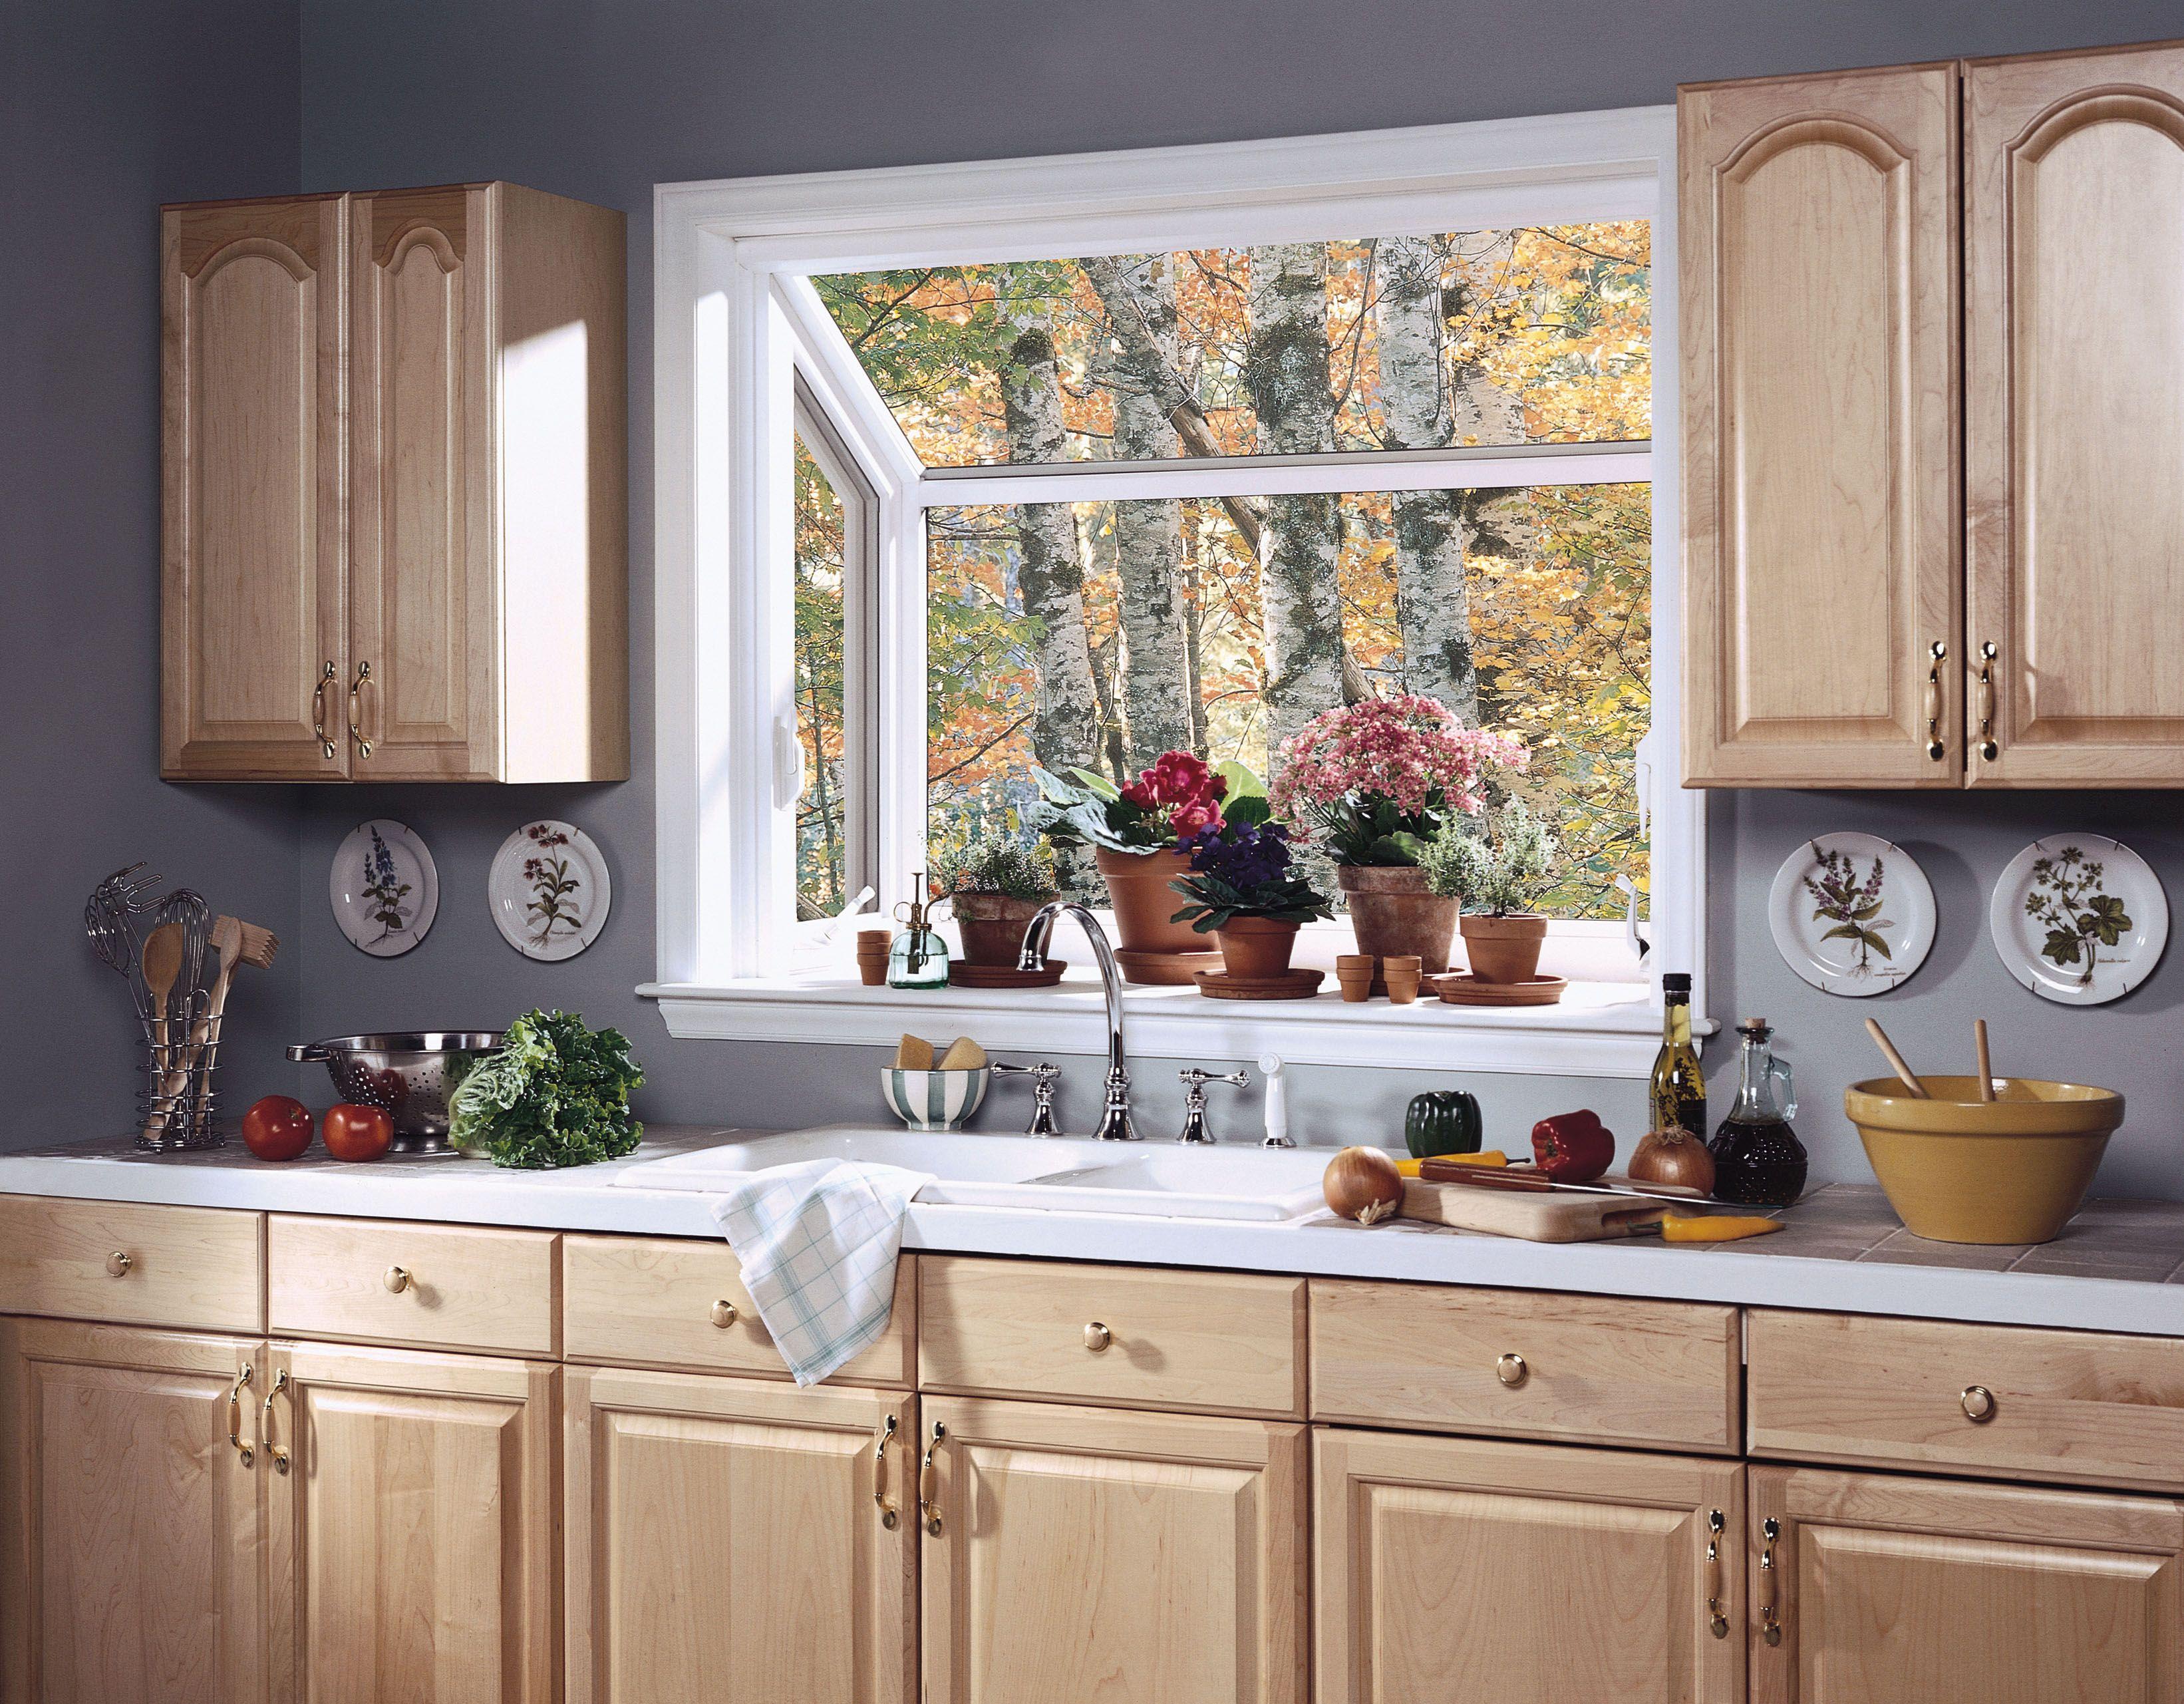 Window for kitchen  garden windows  window  pinterest  garden windows window and